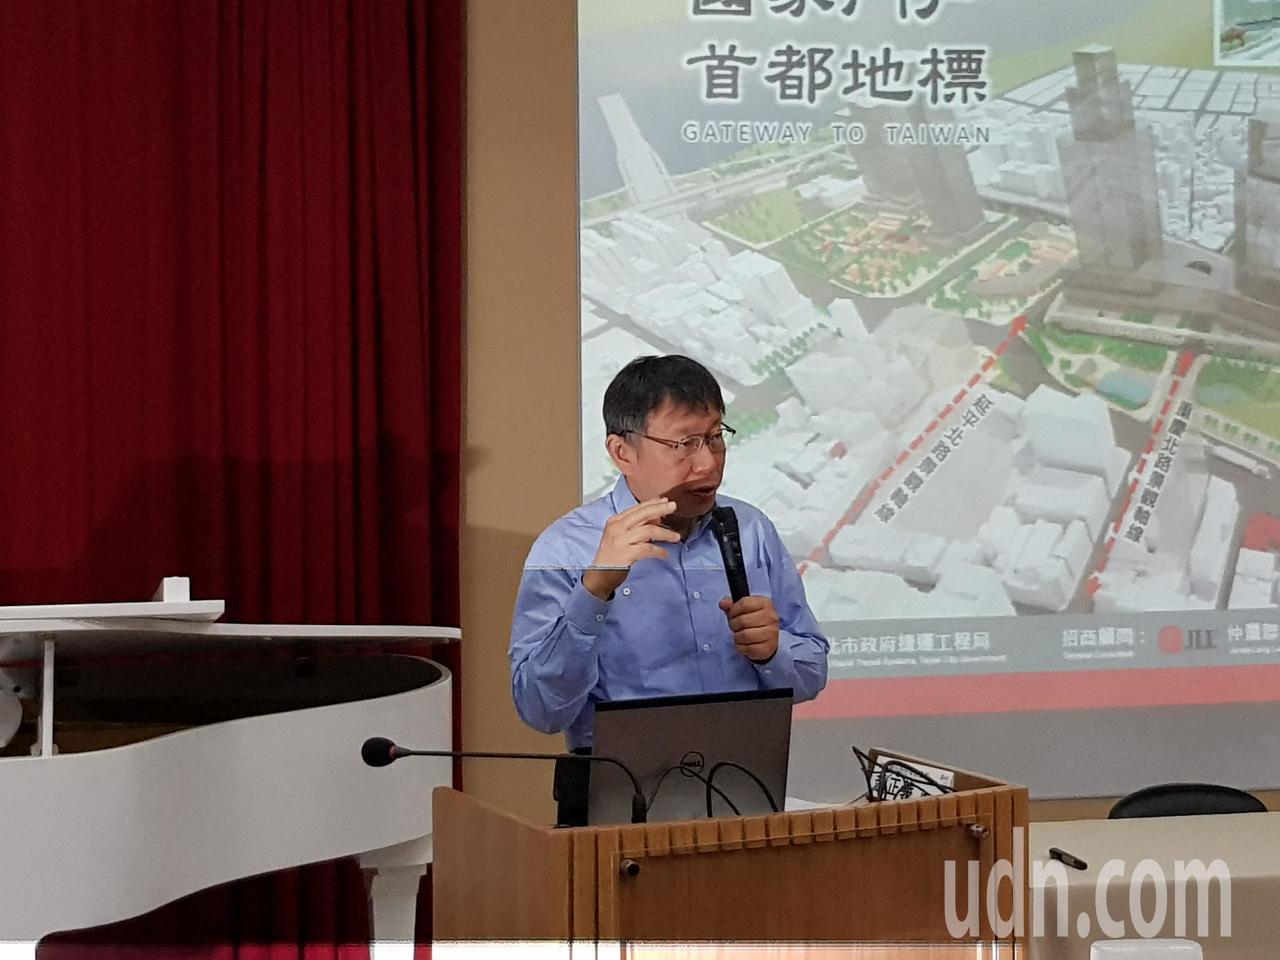 北市府捷運局主辦的台北車站C1/D1雙子星開發案,今天下午在捷運行政大樓舉辦第二...